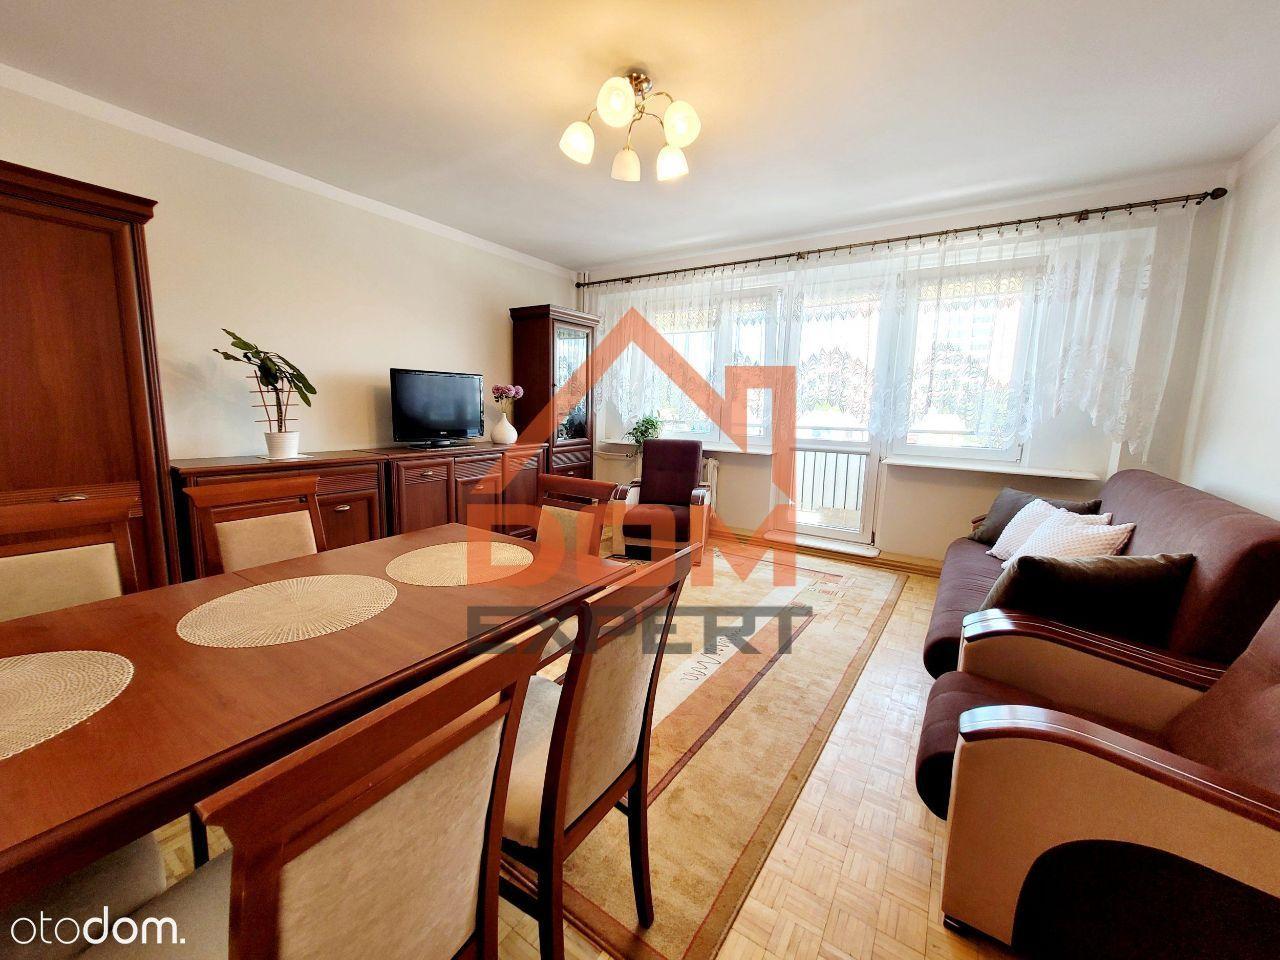 CENA !! Mieszkanie 3 pokojowe 55m2 Przylesie!